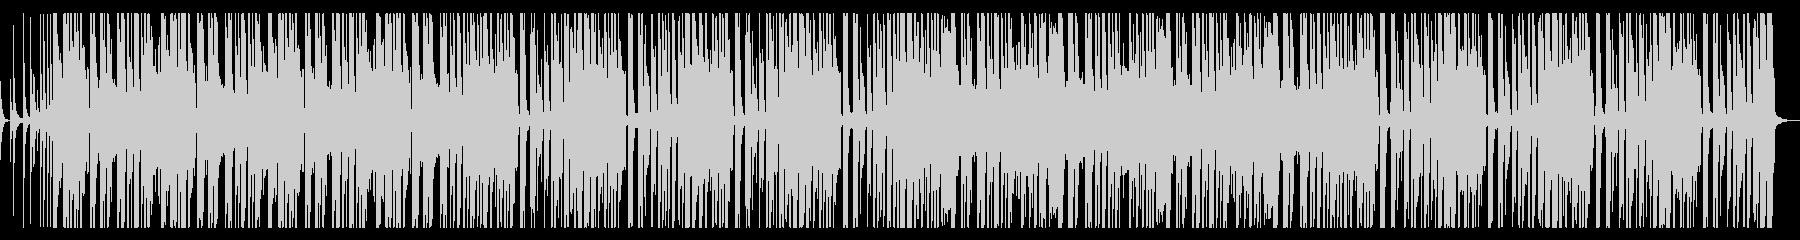 カホンを使ったロックなBGMです。の未再生の波形